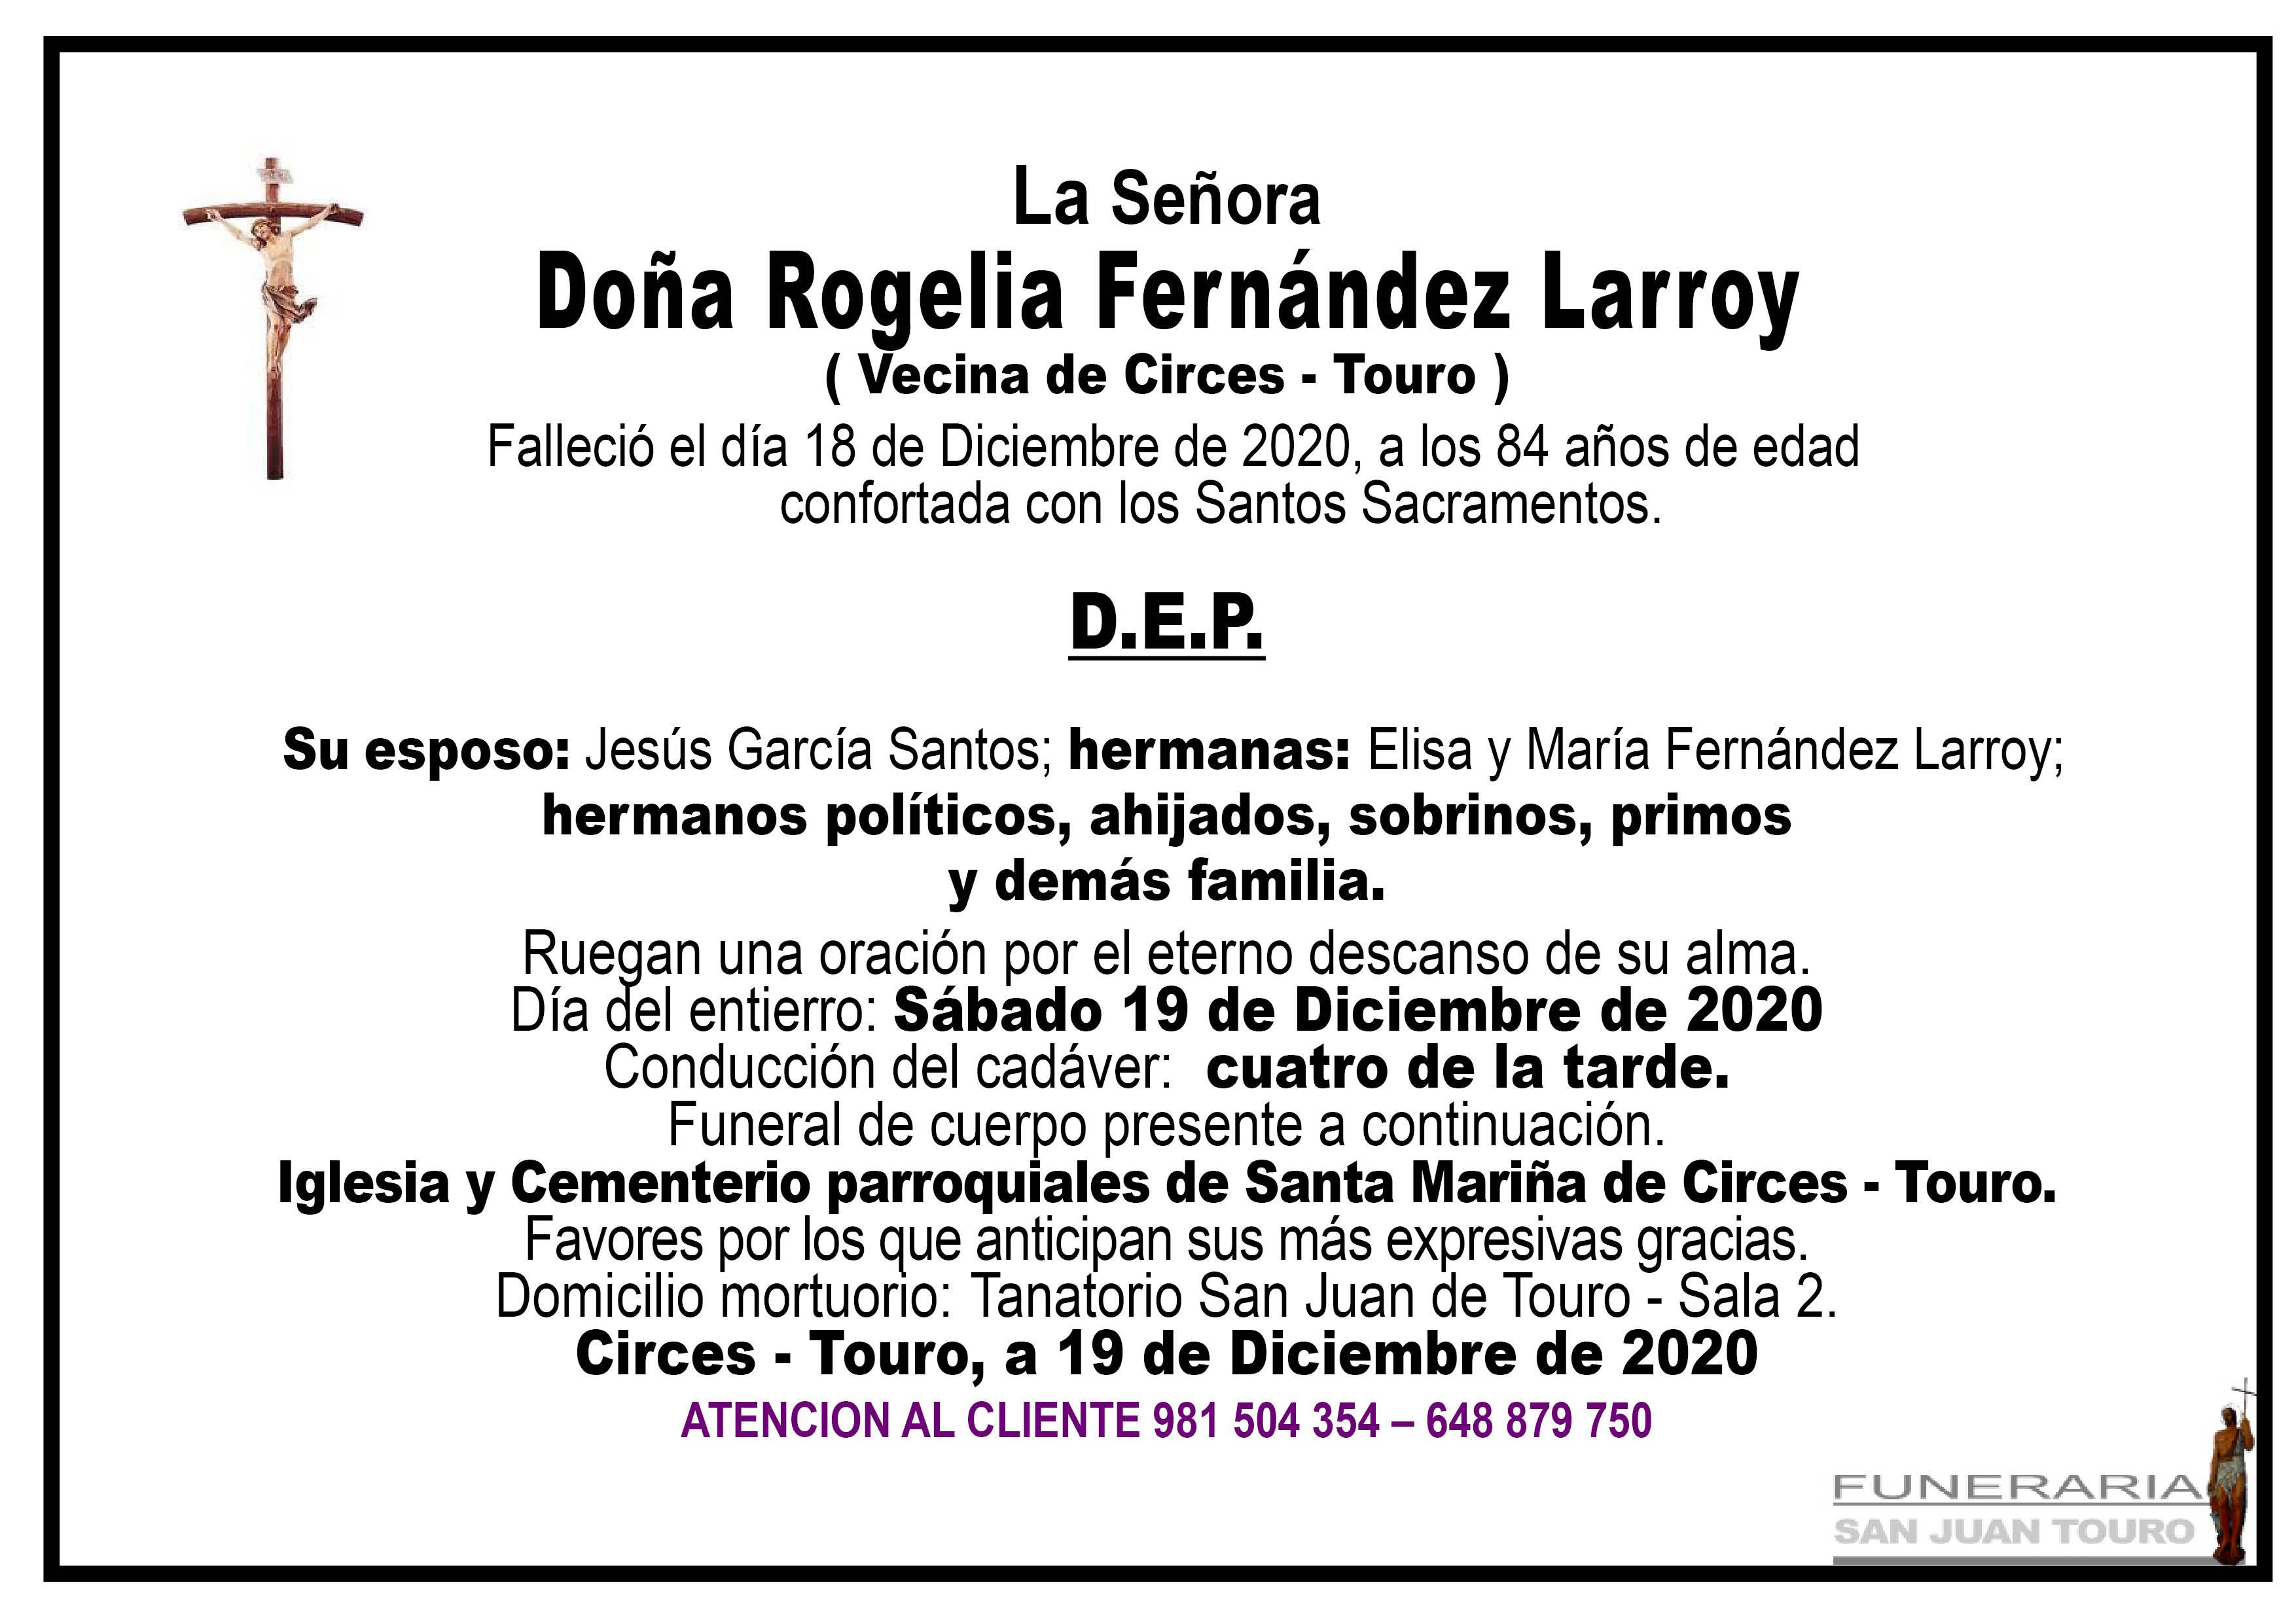 Esquela de SEPELIO DE DOÑA ROGELIA FERNÁNDEZ LARROY